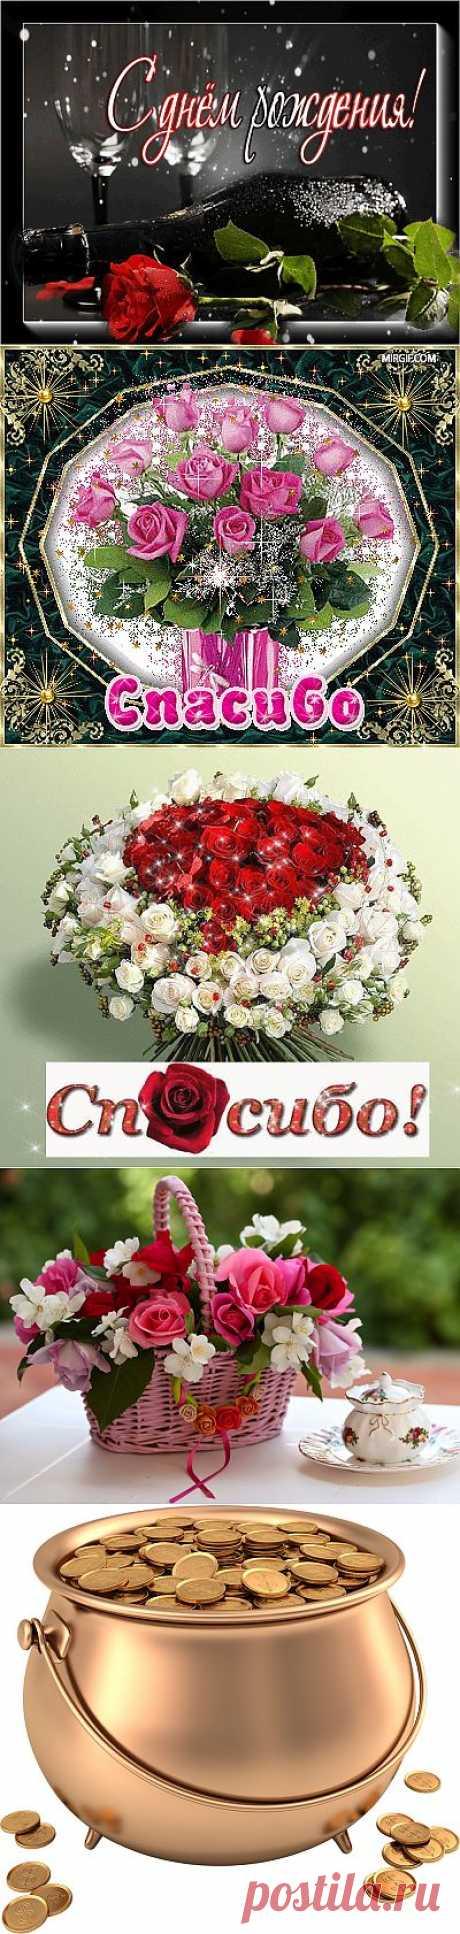 Наиночка С днем Рождения дорогая!!!!!   4vkusa.ru